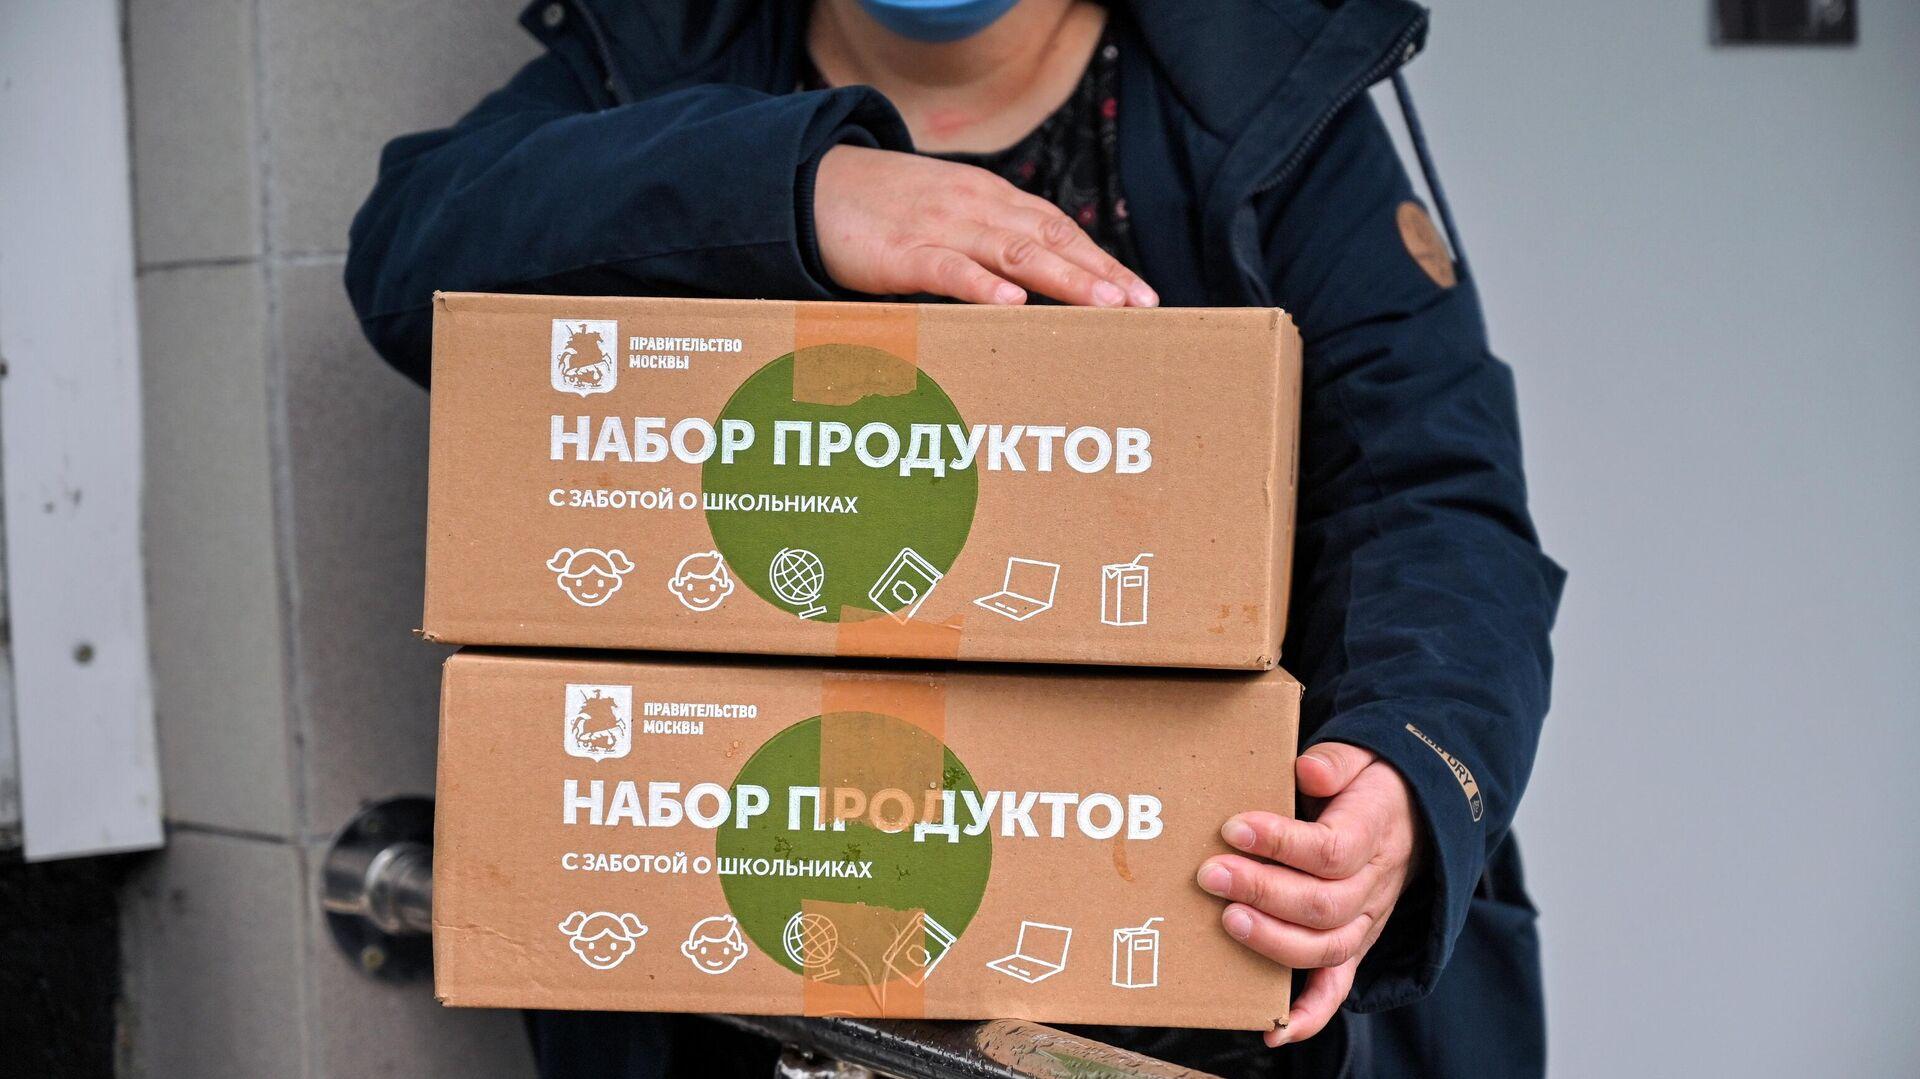 Продуктовый набор, доставленный на дом для учащихся московской школы - РИА Новости, 1920, 01.12.2020